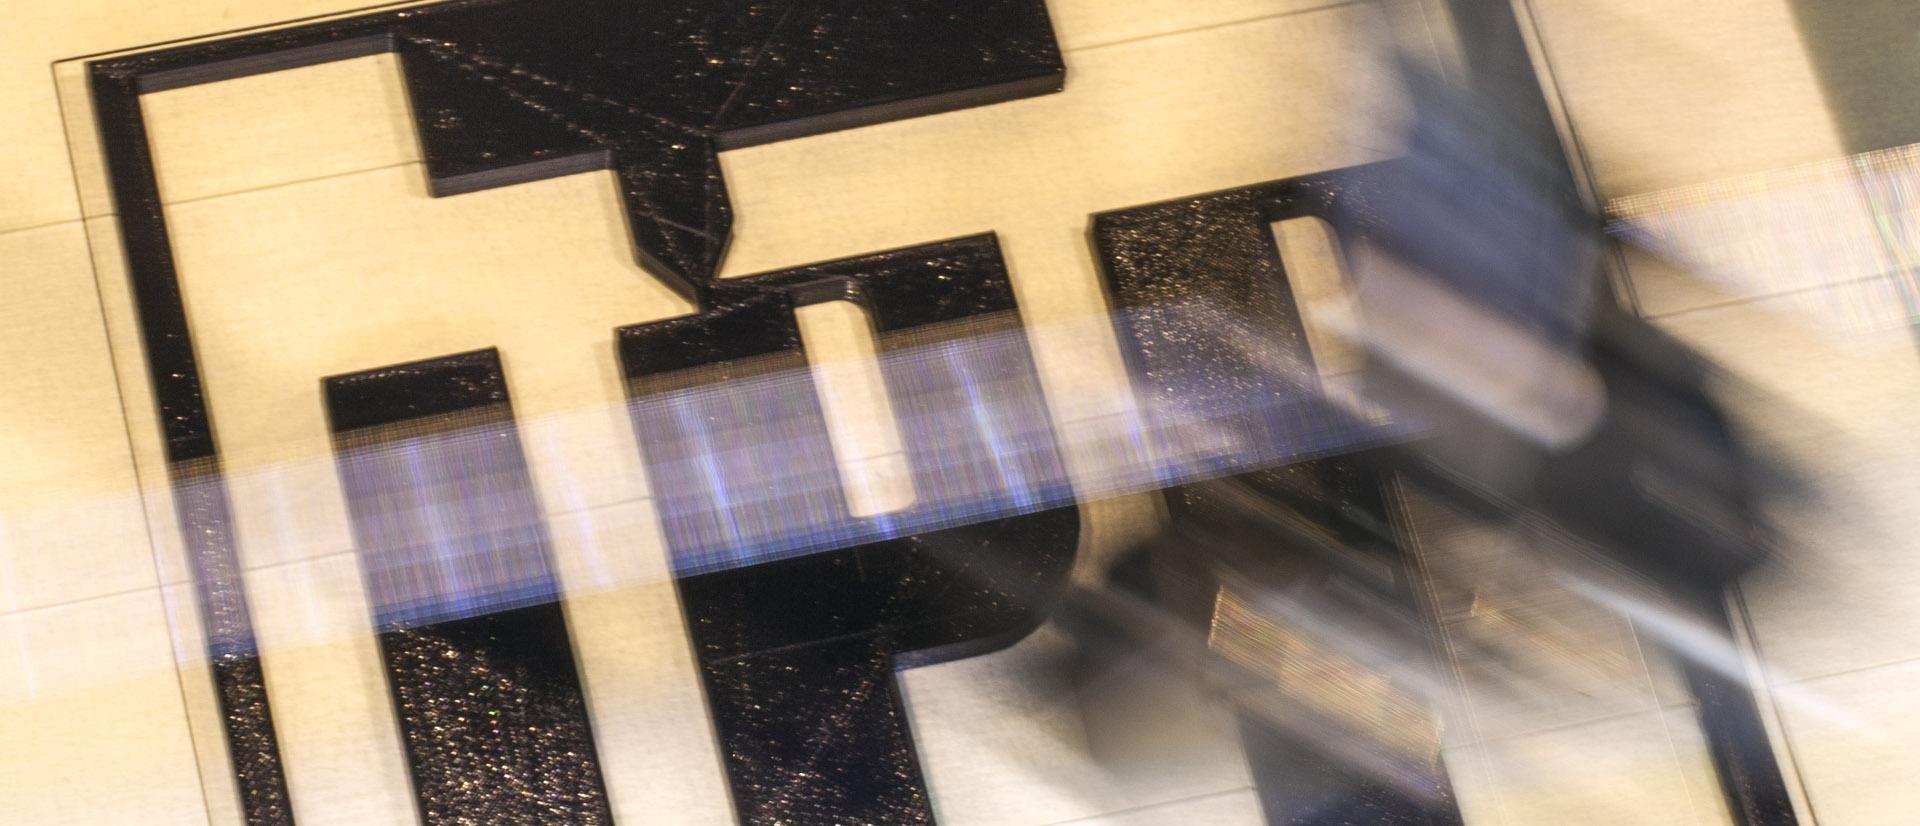 Justpressprint FDM 3d printing long shutter